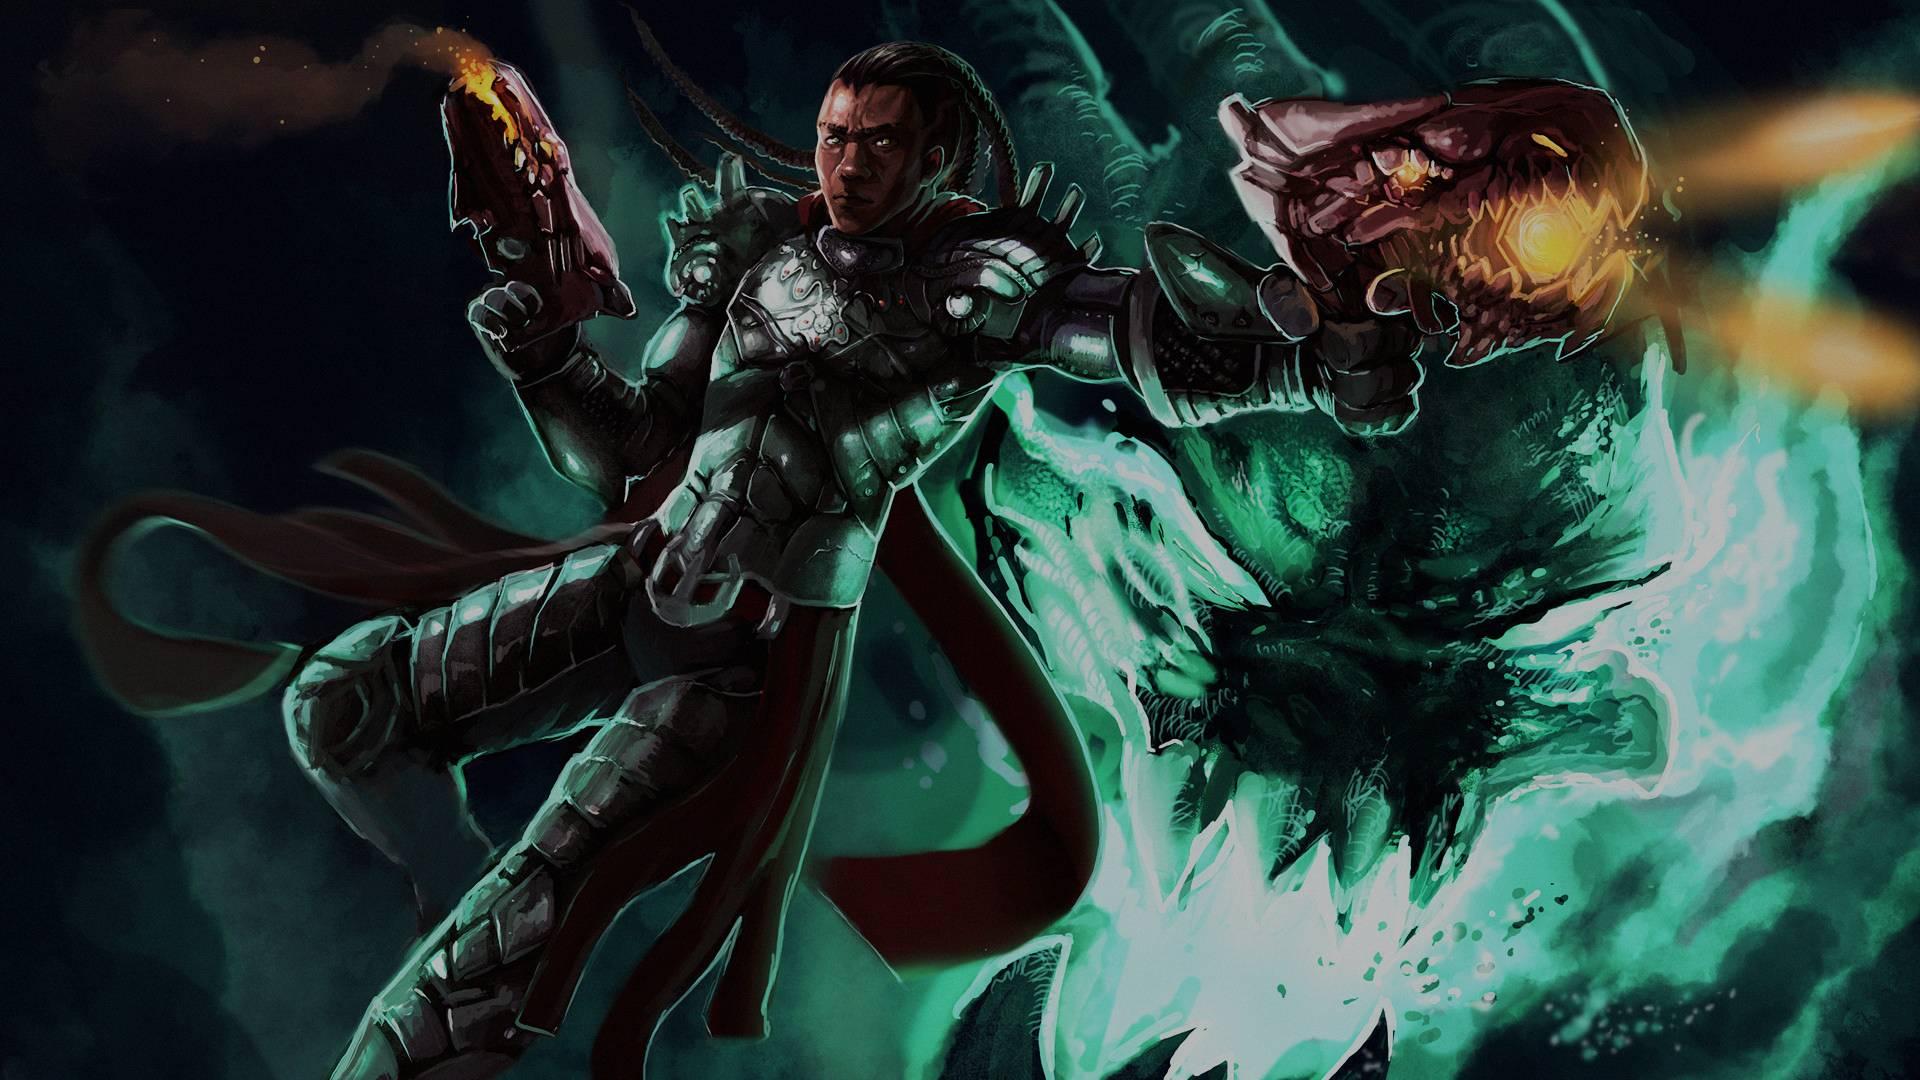 League of Legends Champion Lucian Fanart Wallpaper